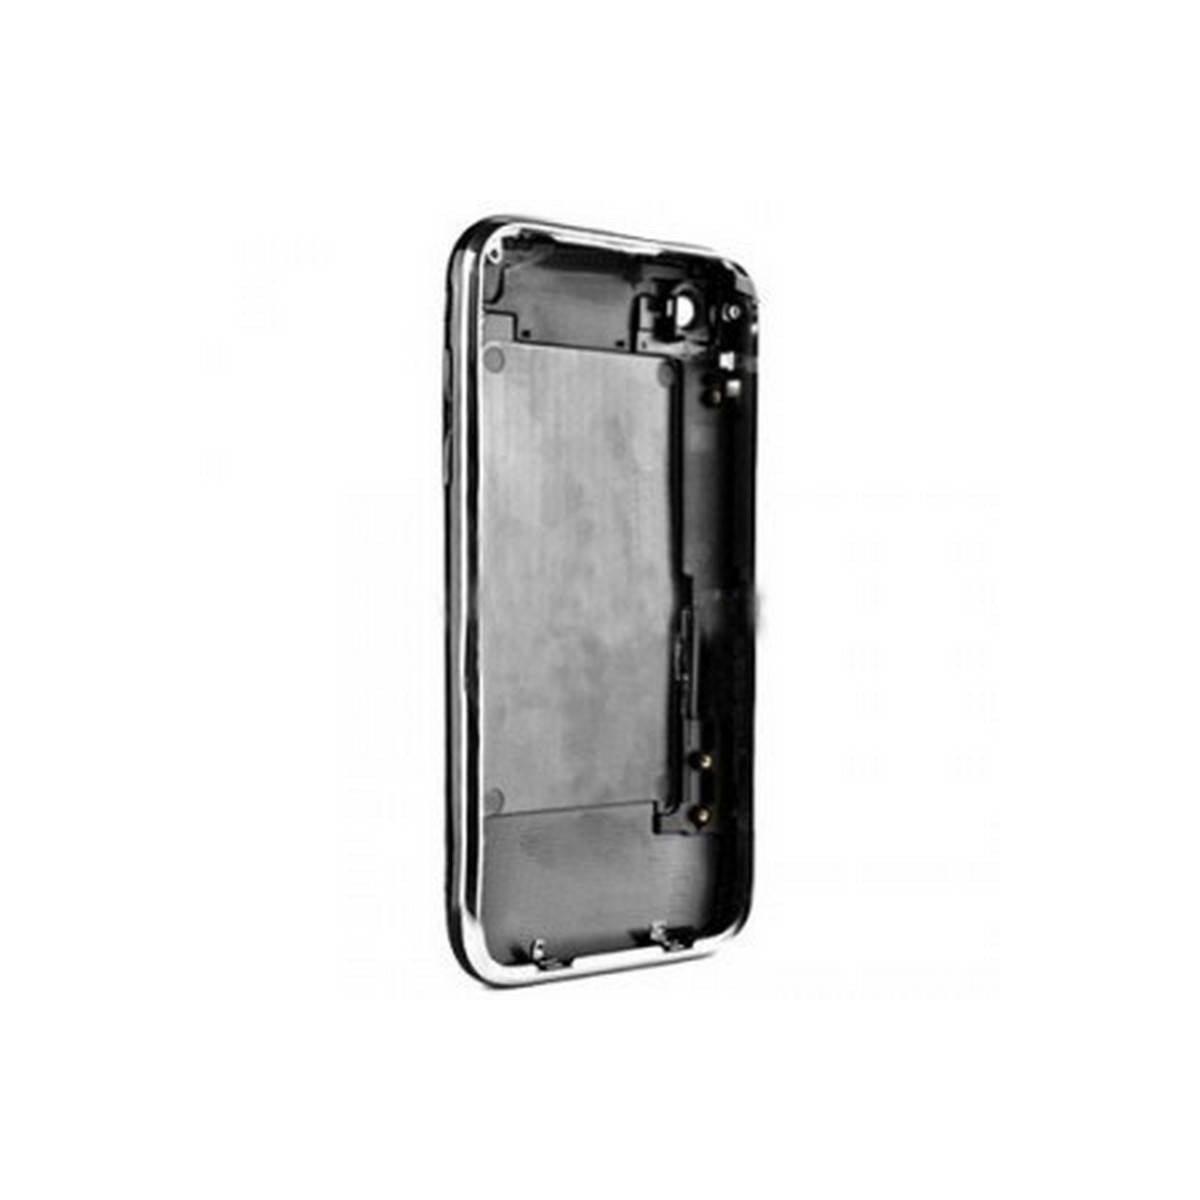 CARCASA traseira PRETO com marco metalico iphone 3GS de 16GB